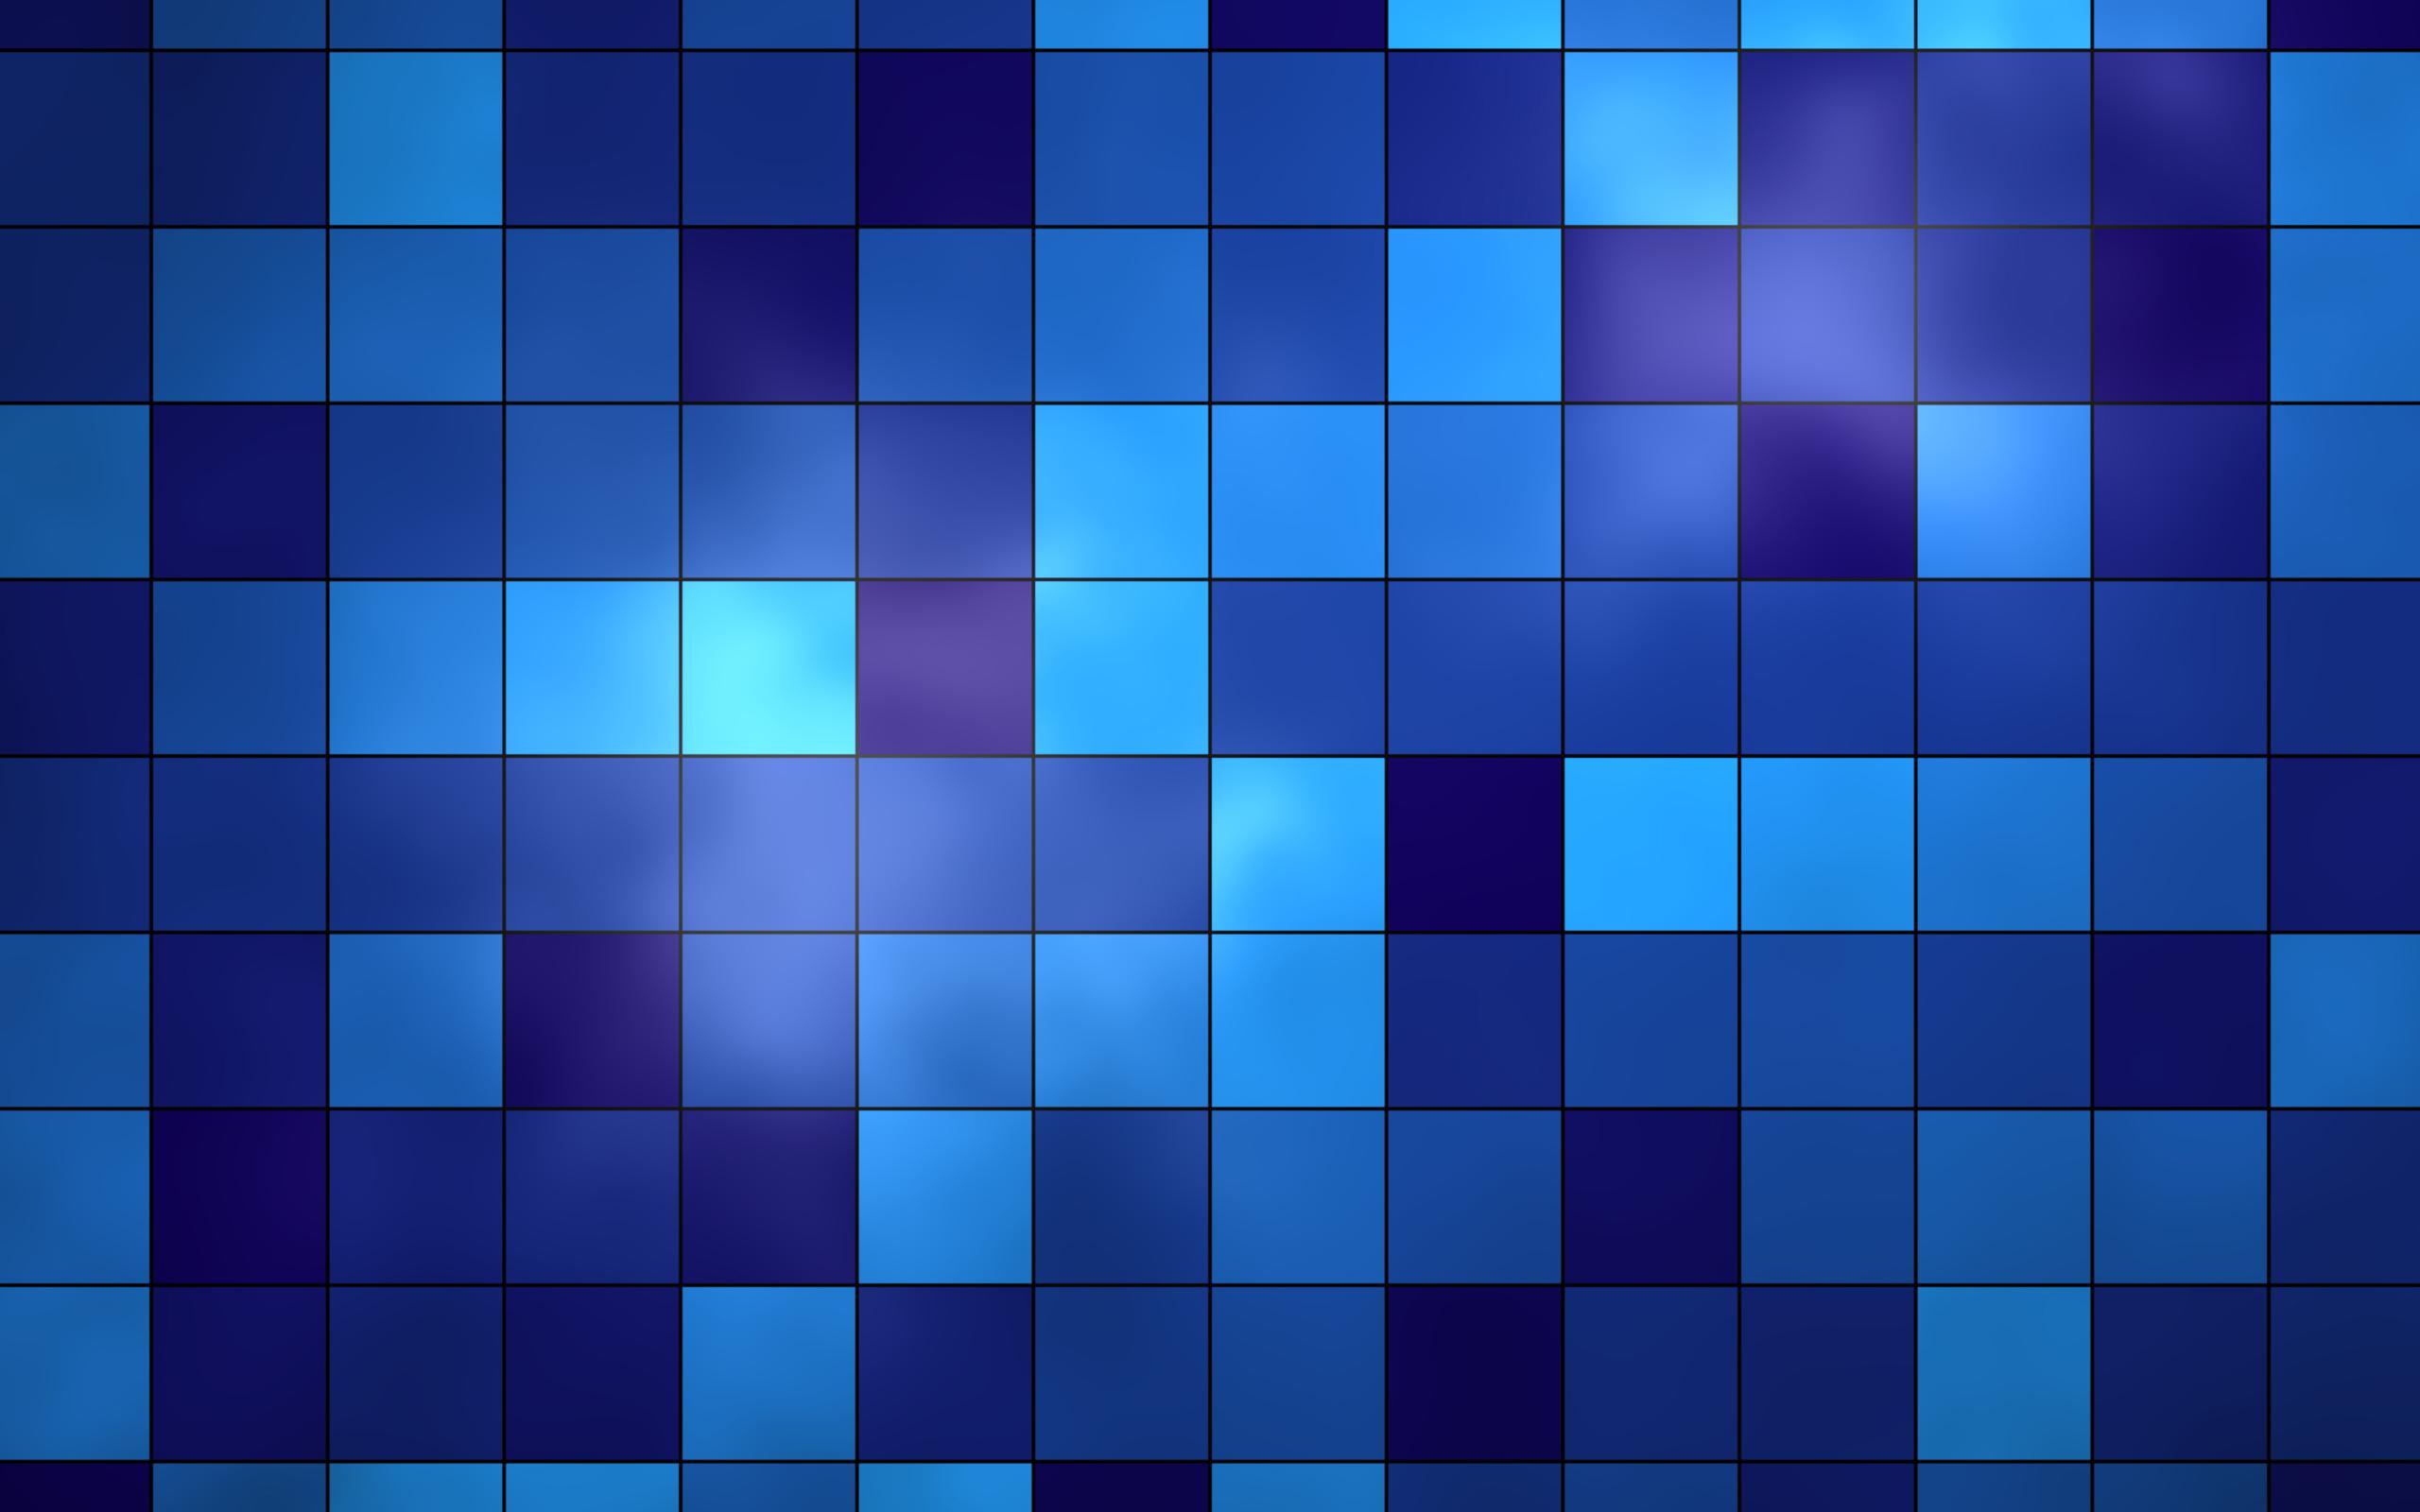 Как сделать фото 900 пикселей